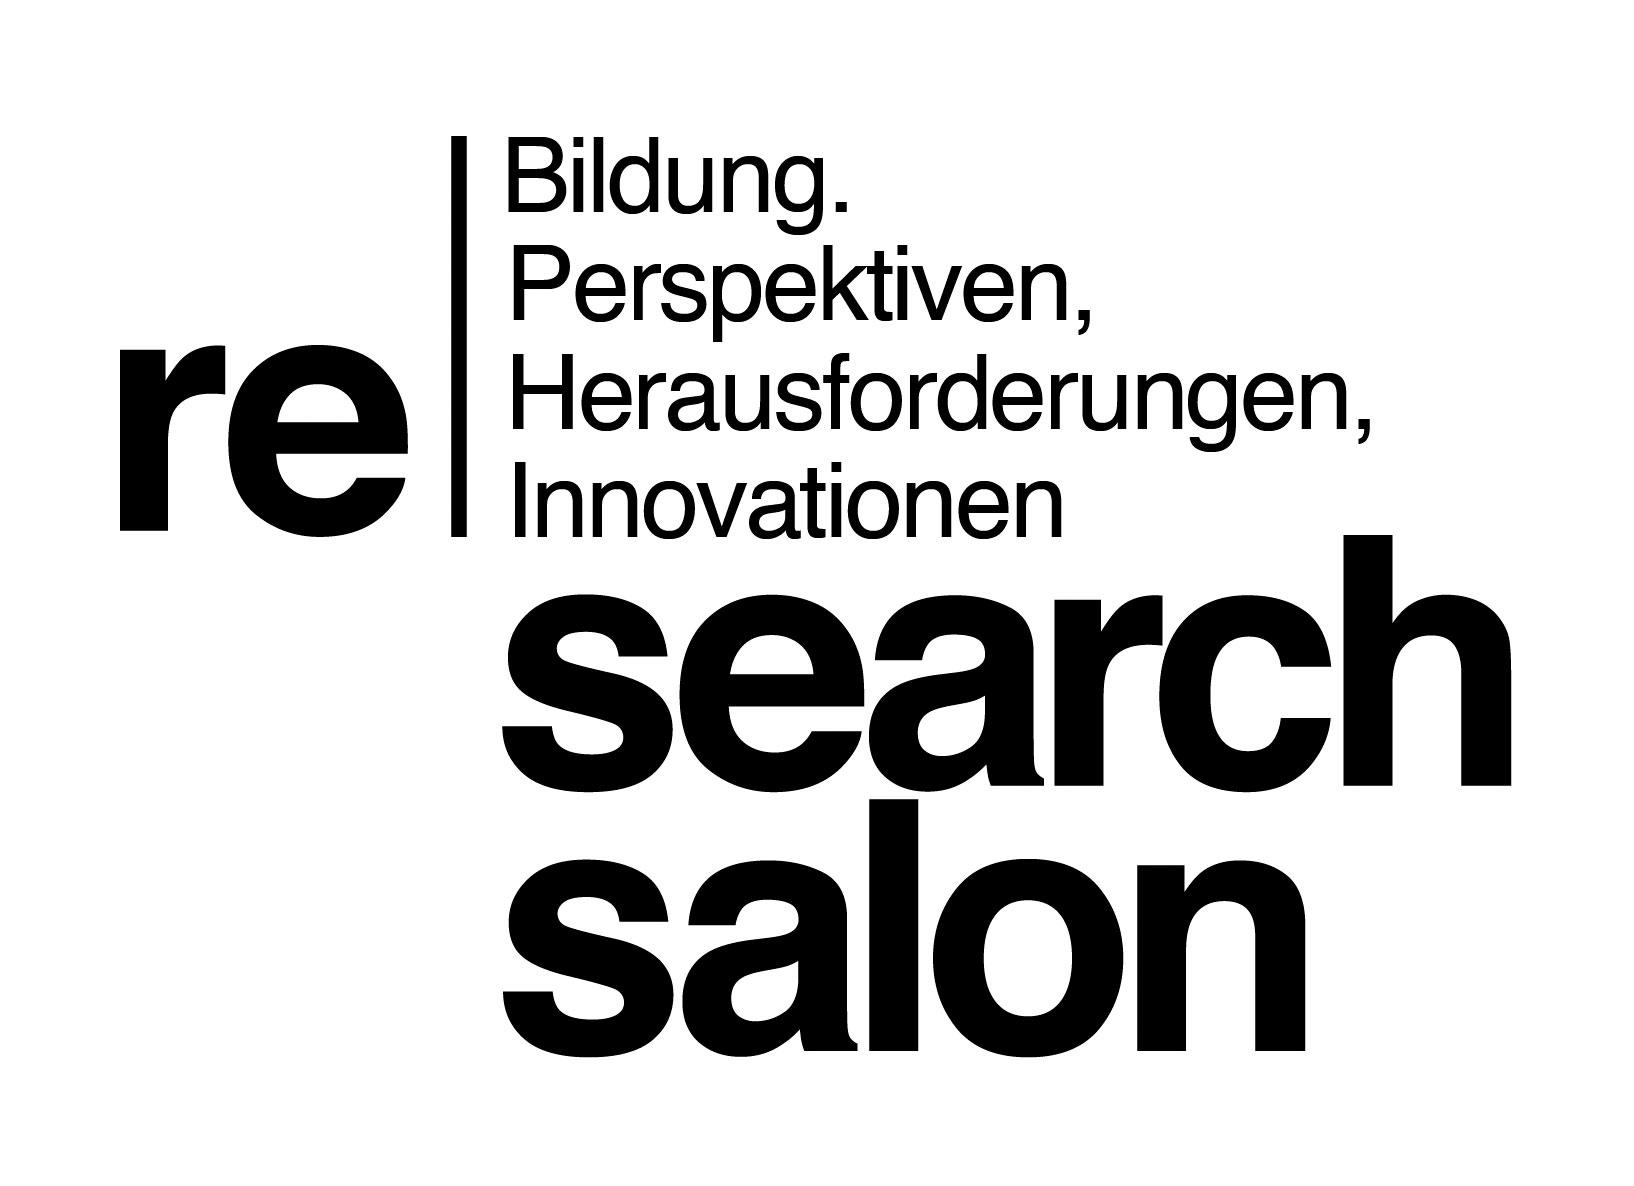 Bildung Perspetiven Herausforderungen Innovationen